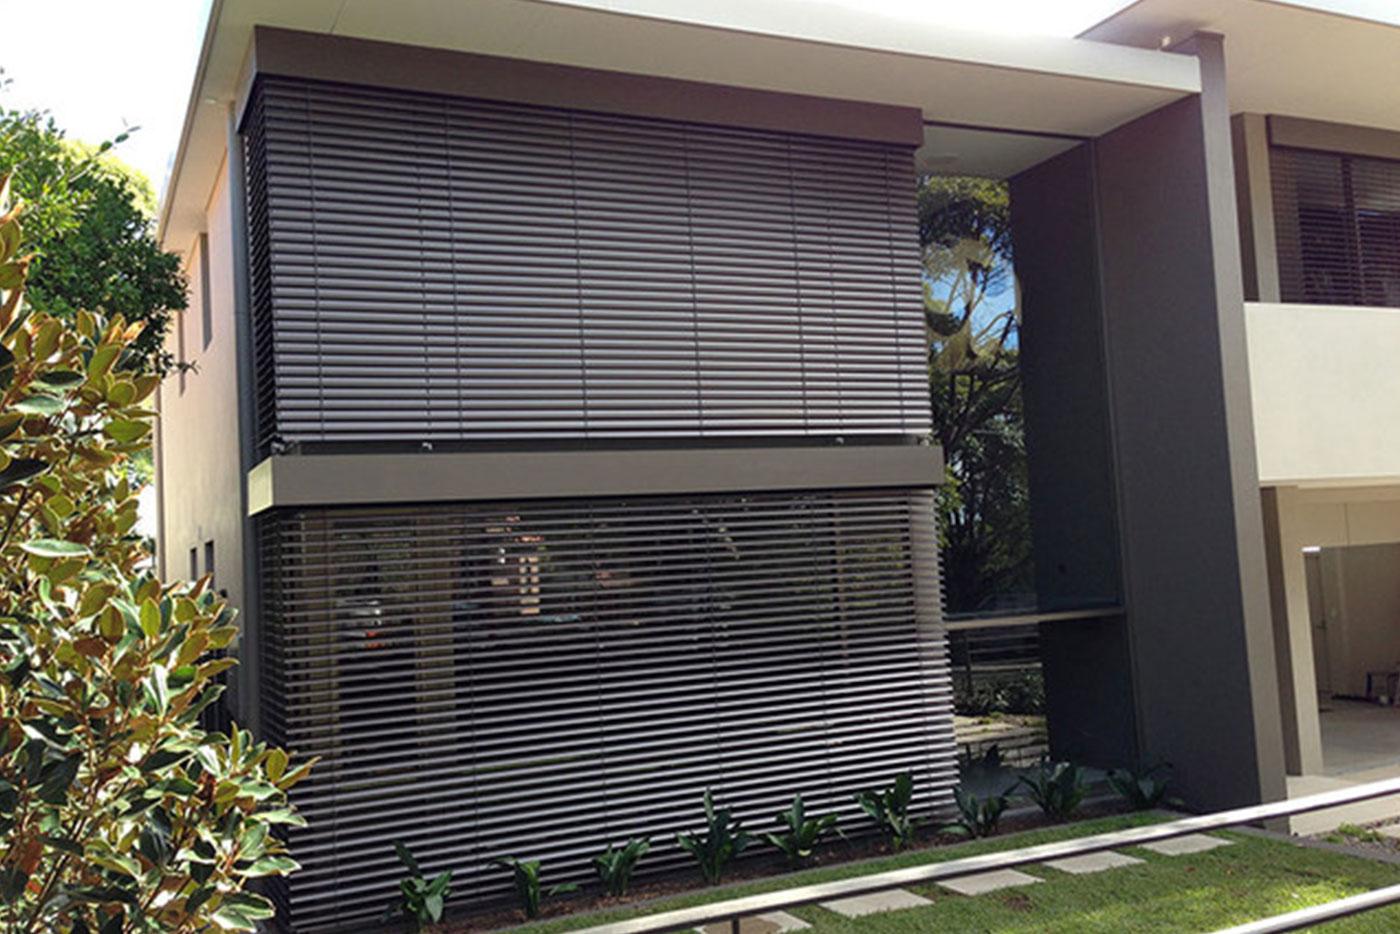 Estores para exterior ideas de disenos for Estor enrollable exterior